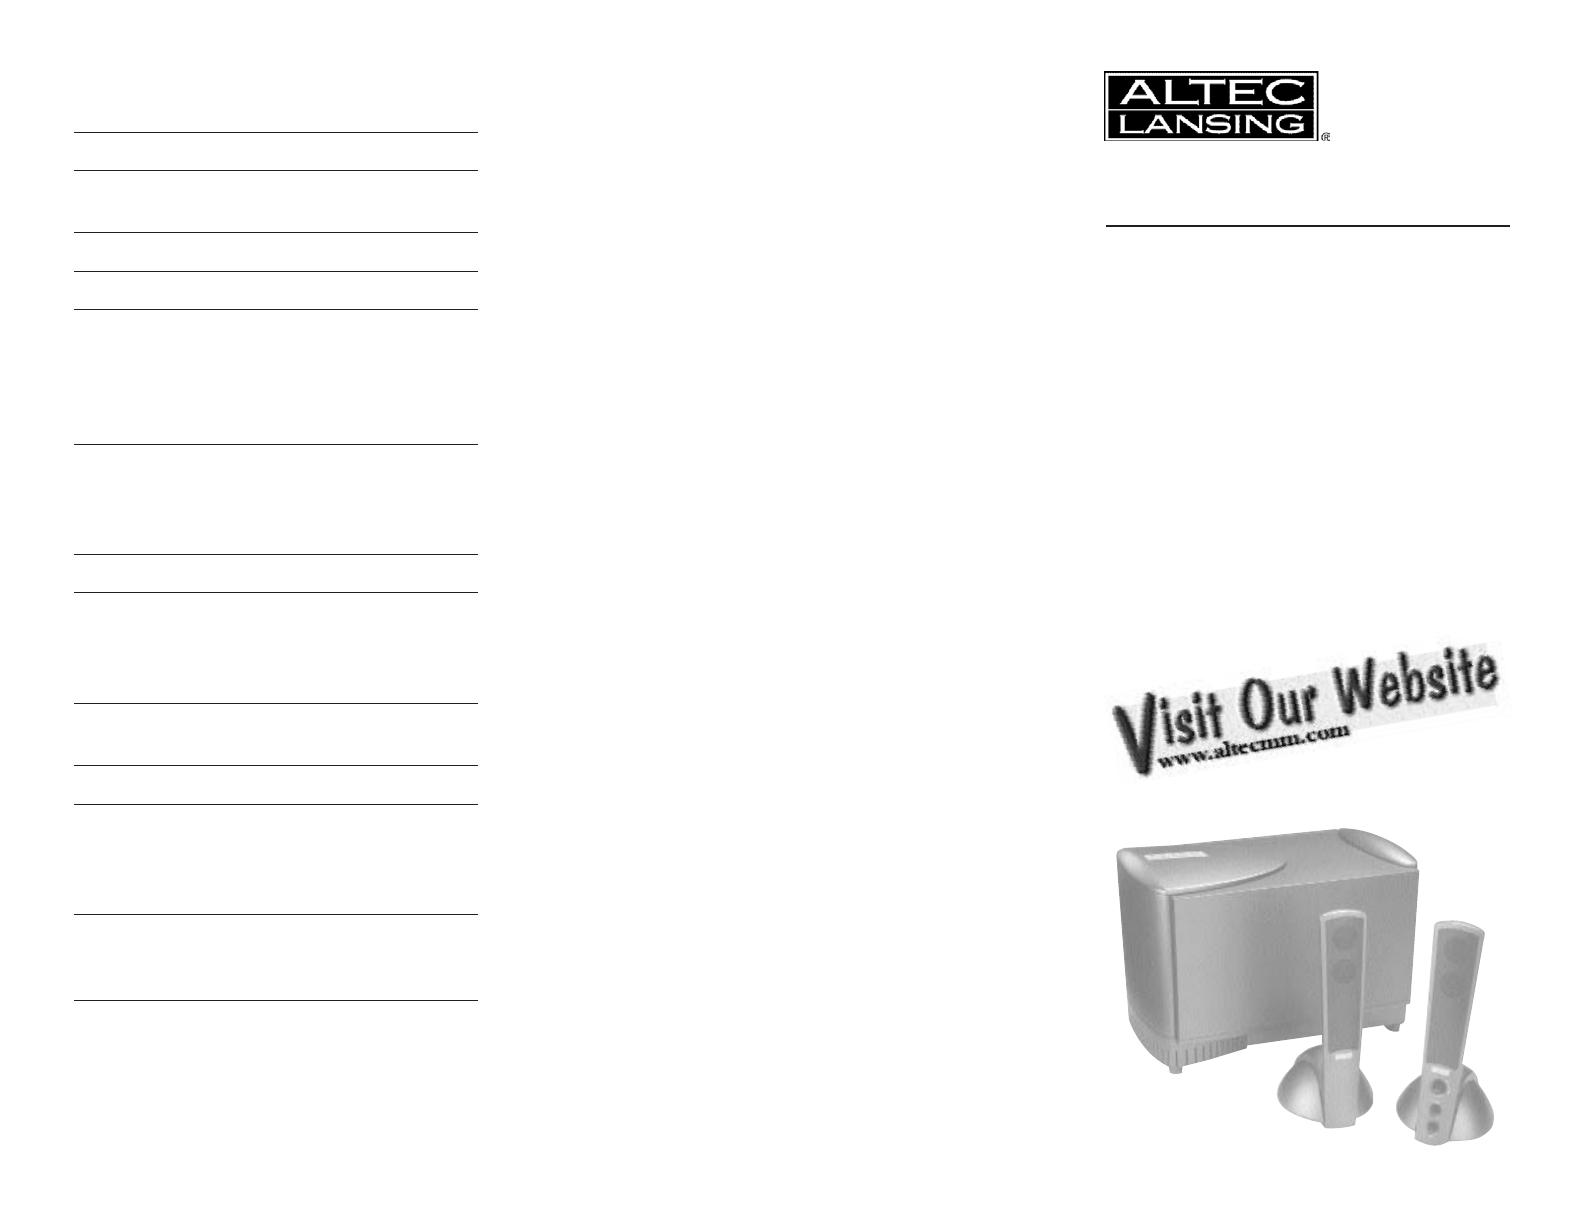 altec lansing atp3 manual daily instruction manual guides u2022 rh testingwordpress co altec lansing owners manual